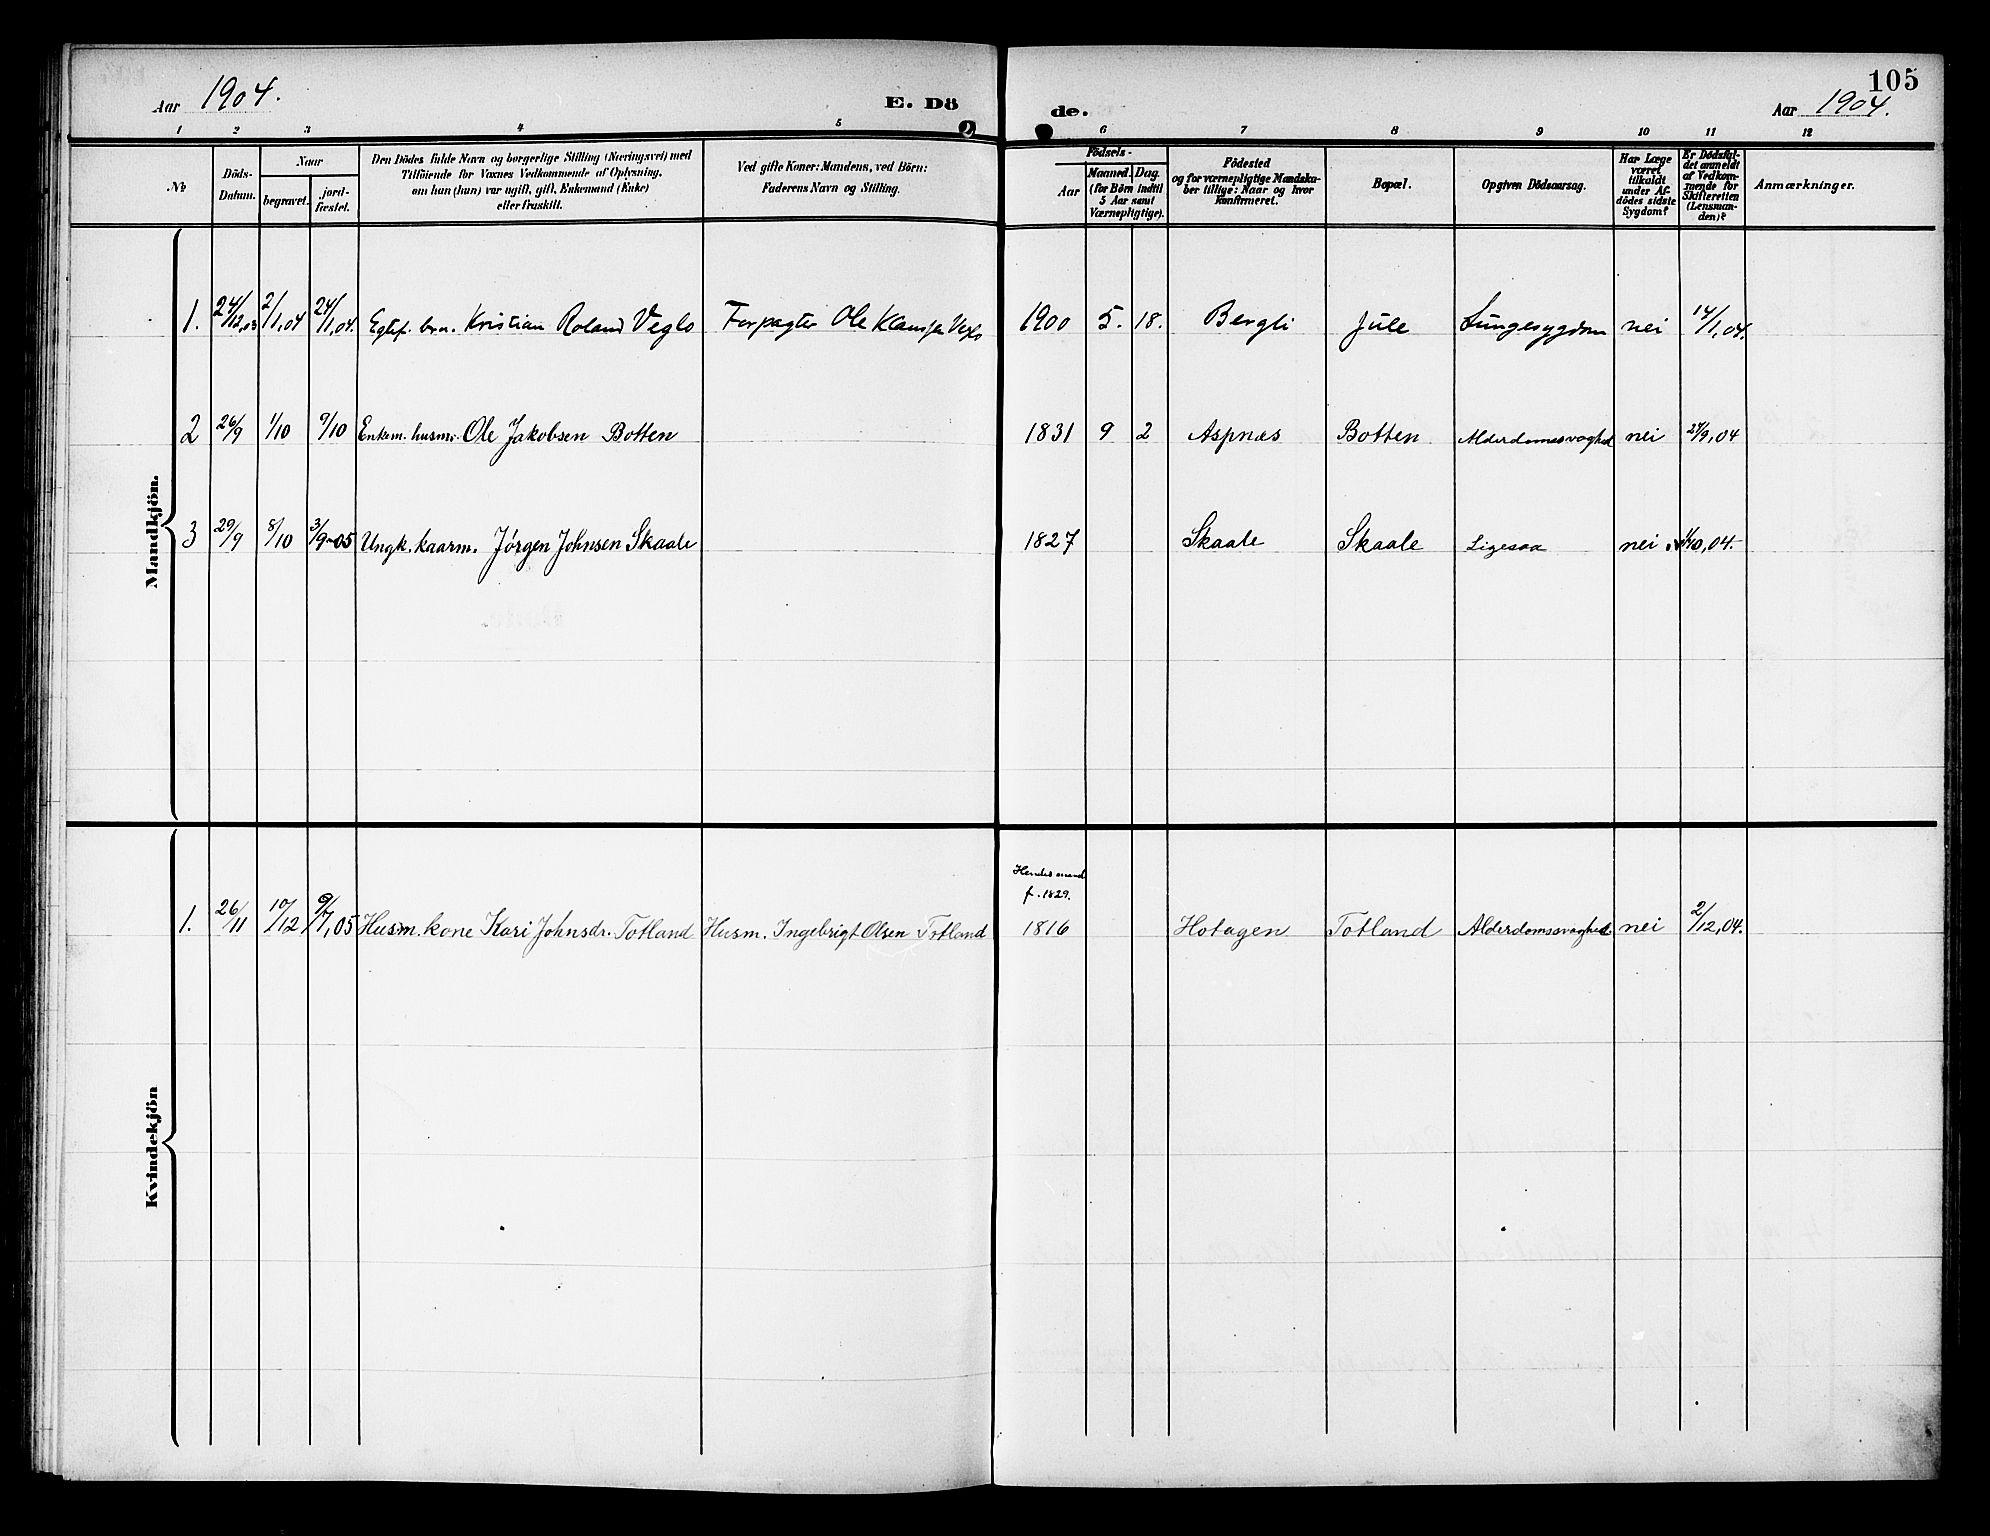 SAT, Ministerialprotokoller, klokkerbøker og fødselsregistre - Nord-Trøndelag, 757/L0506: Klokkerbok nr. 757C01, 1904-1922, s. 105